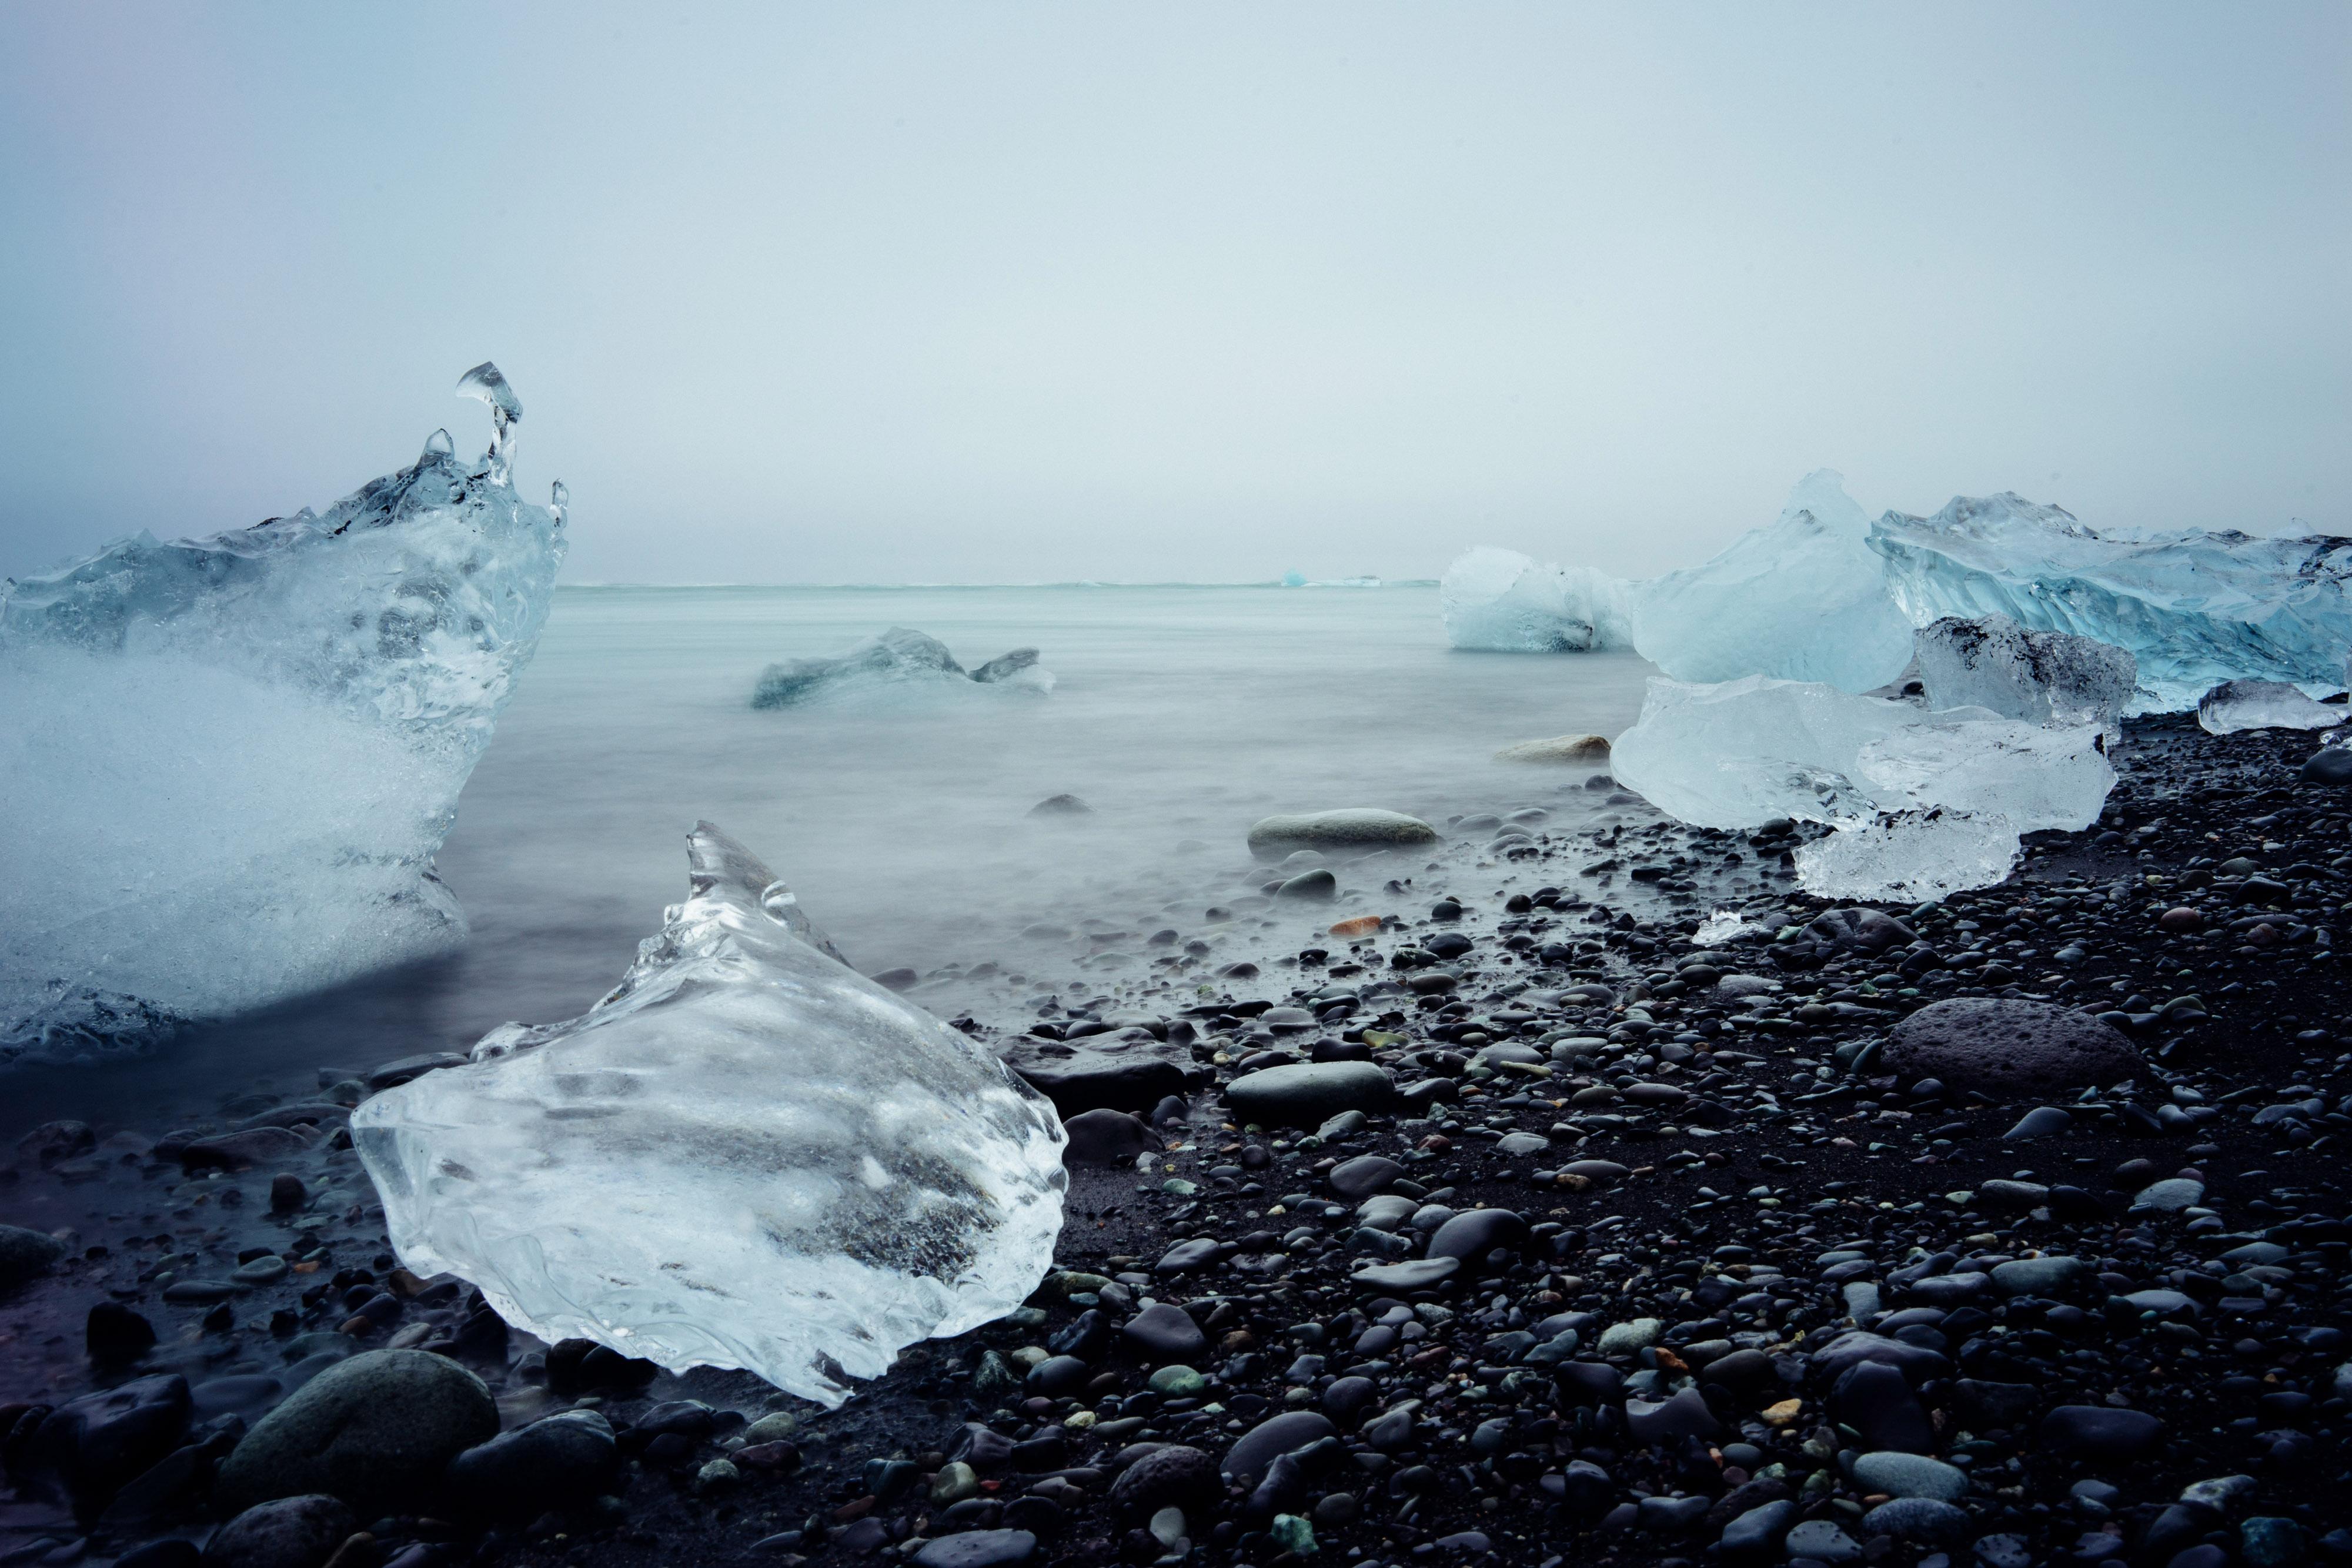 Jökulsárlón Iceberg Lagoon, Iceland - Andy Mai